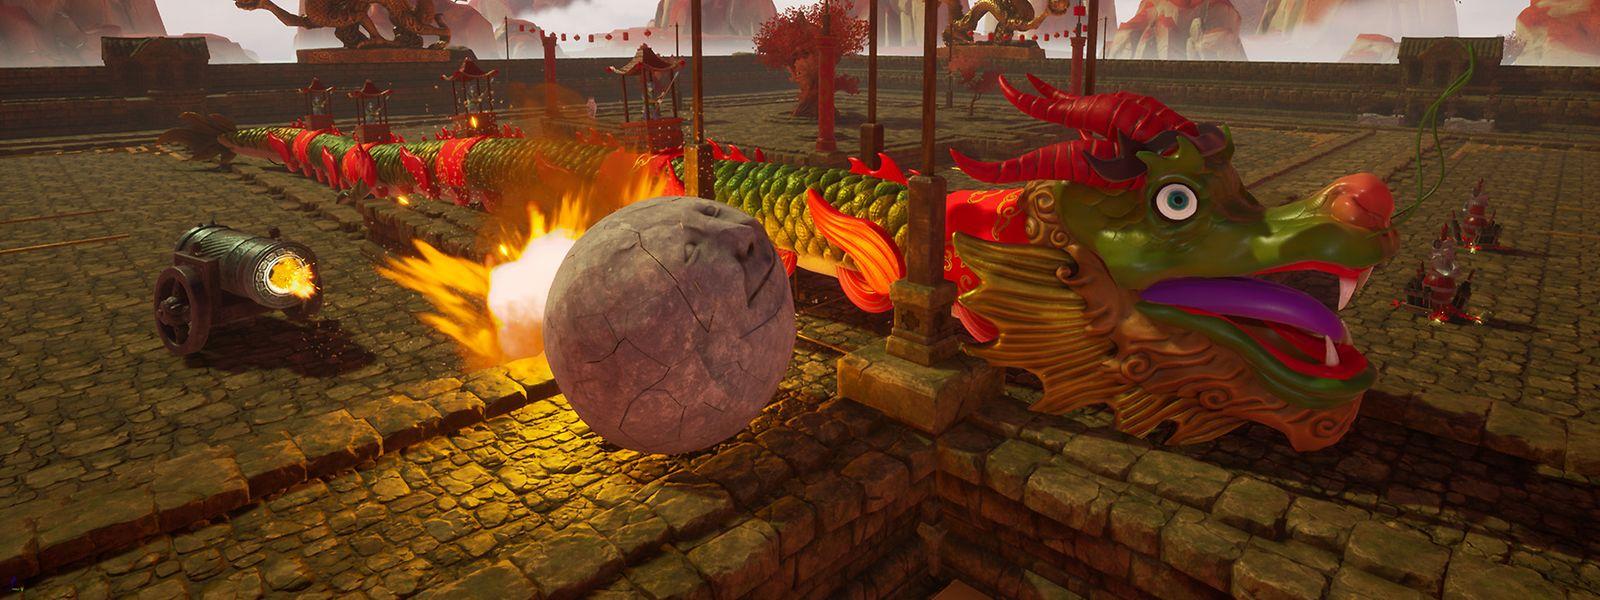 """Spielspaß für zwischendurch - das bieten """"Rock of Ages 3"""" (Screenshot) und vier andere Games mit hohem Funfaktor."""